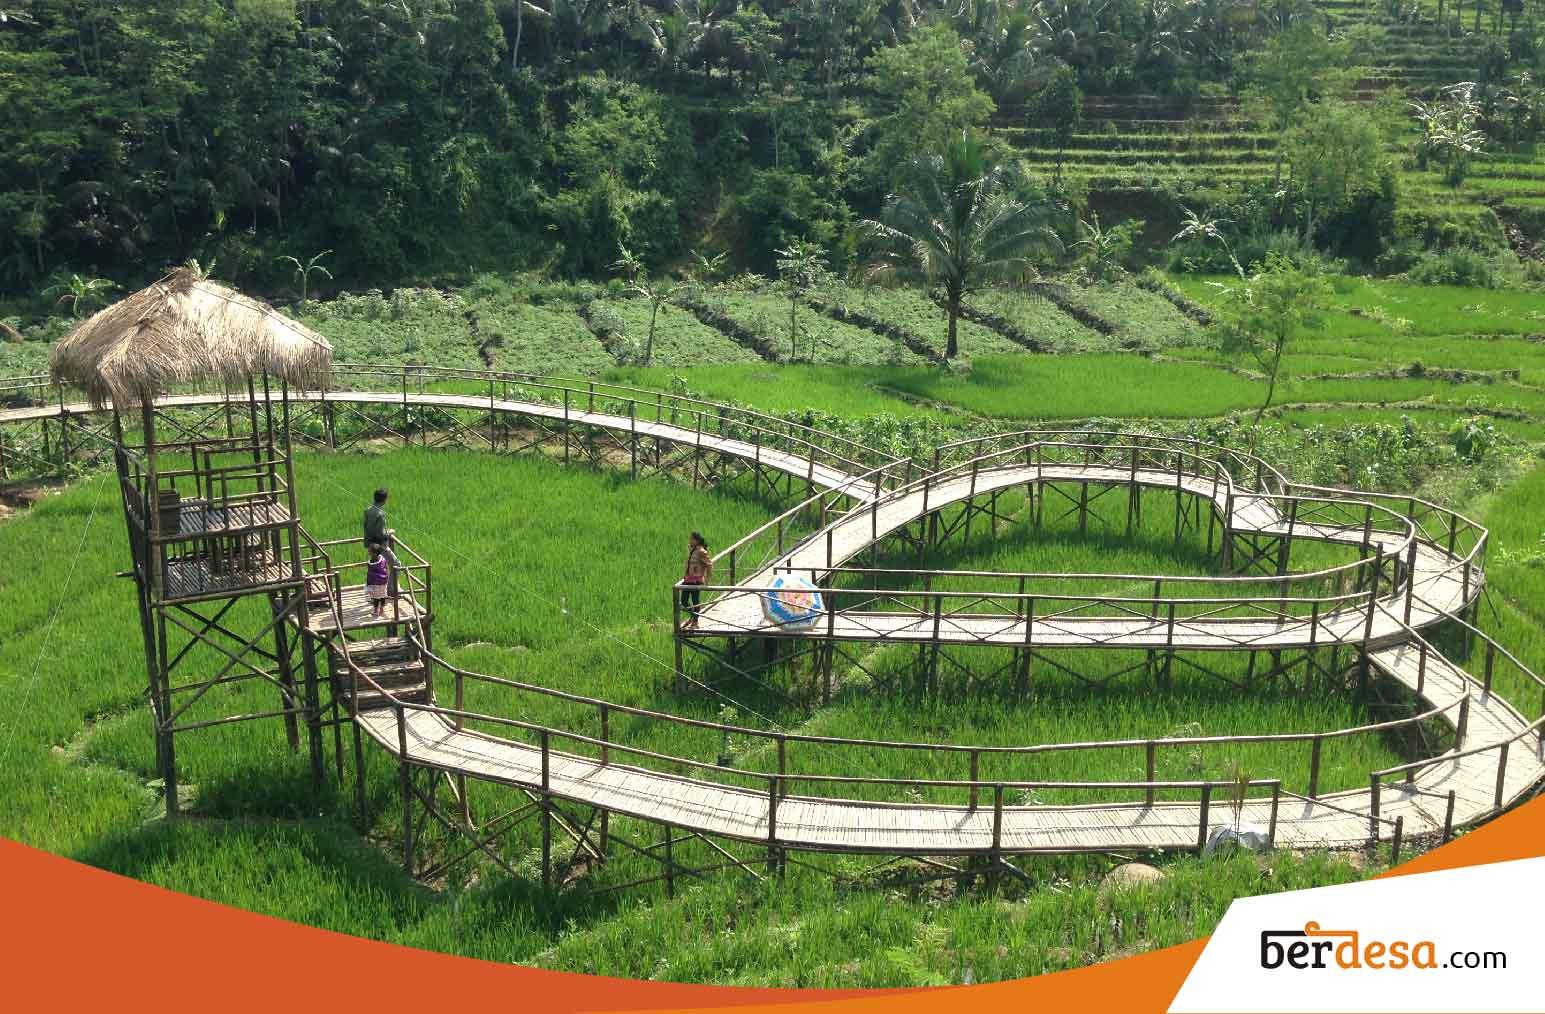 Daftar Rekomendasi Desa Wisata Jawa Tengah Yang Paling Populer – Berdesa